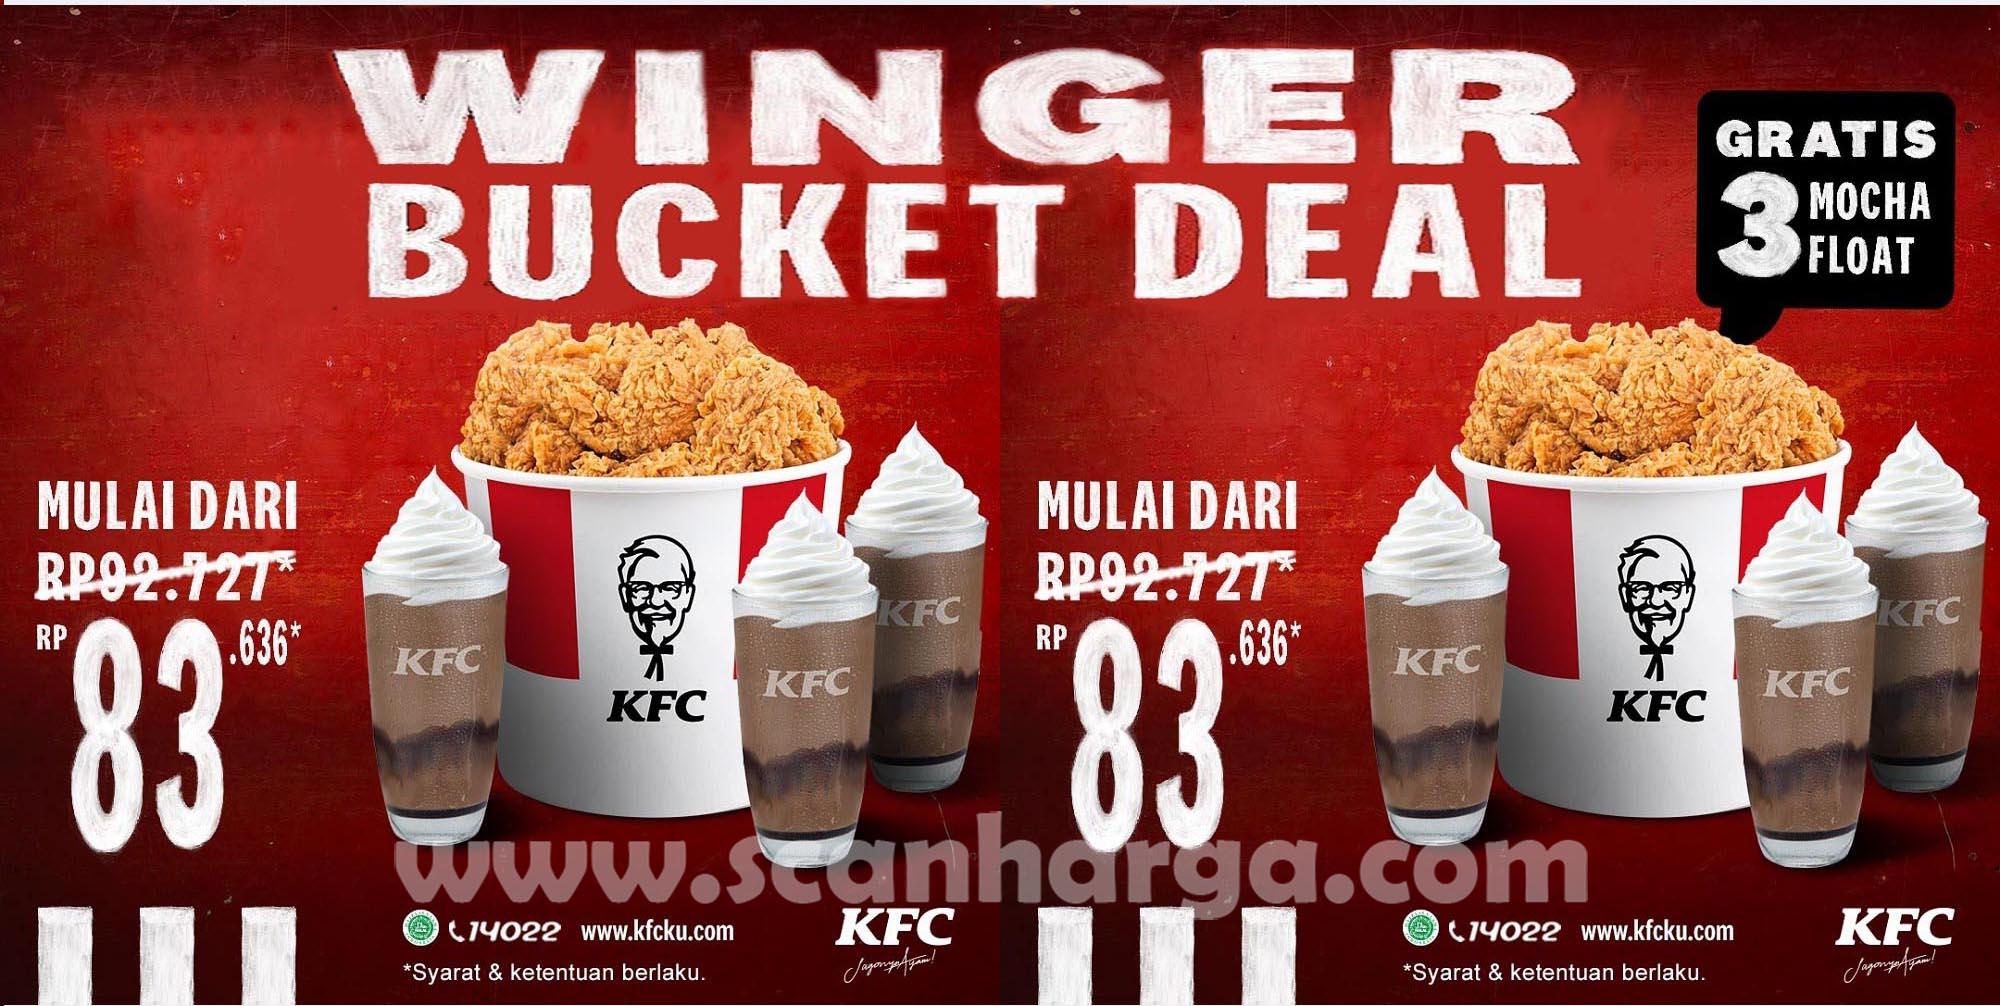 KFC Winger Bucket Deal! Promo Spesial Hari Ini